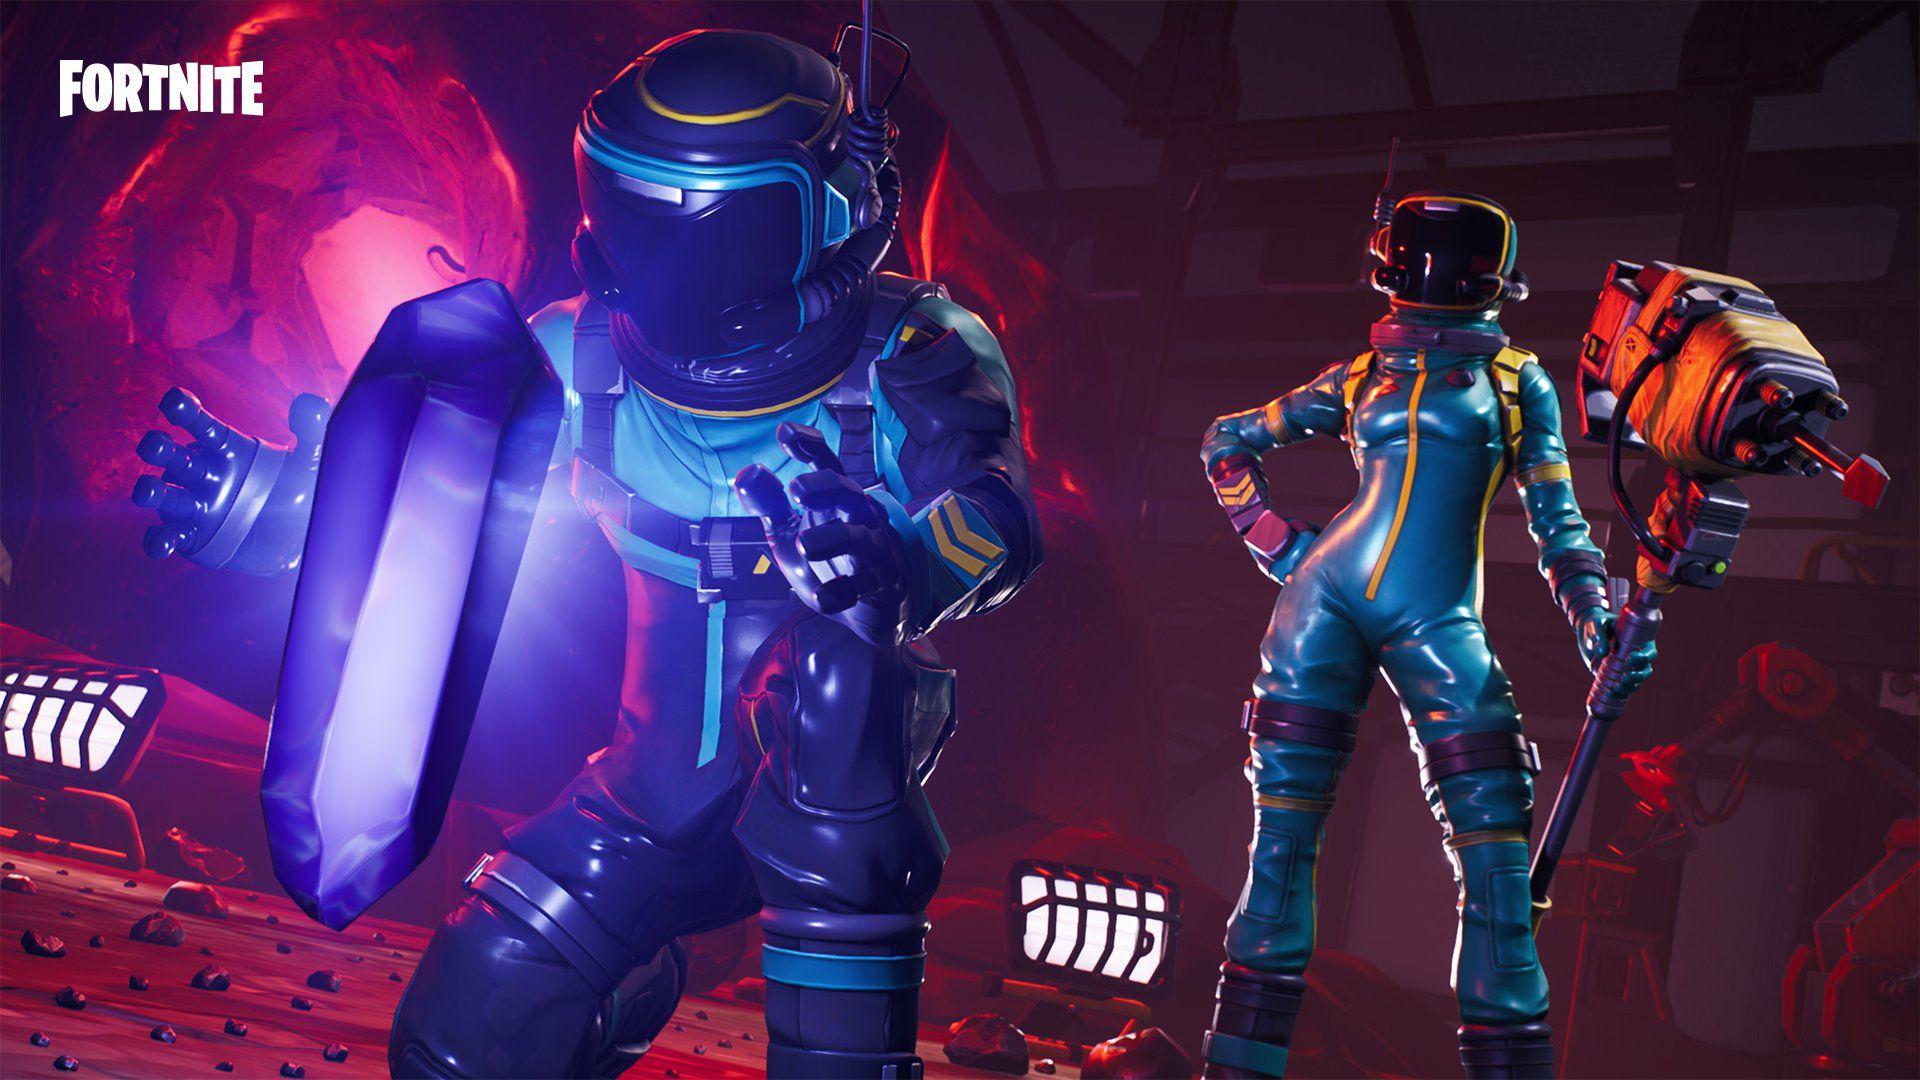 Fortnite Desktop Wallpapers Hd Epic Games Fortnite Gaming Wallpapers